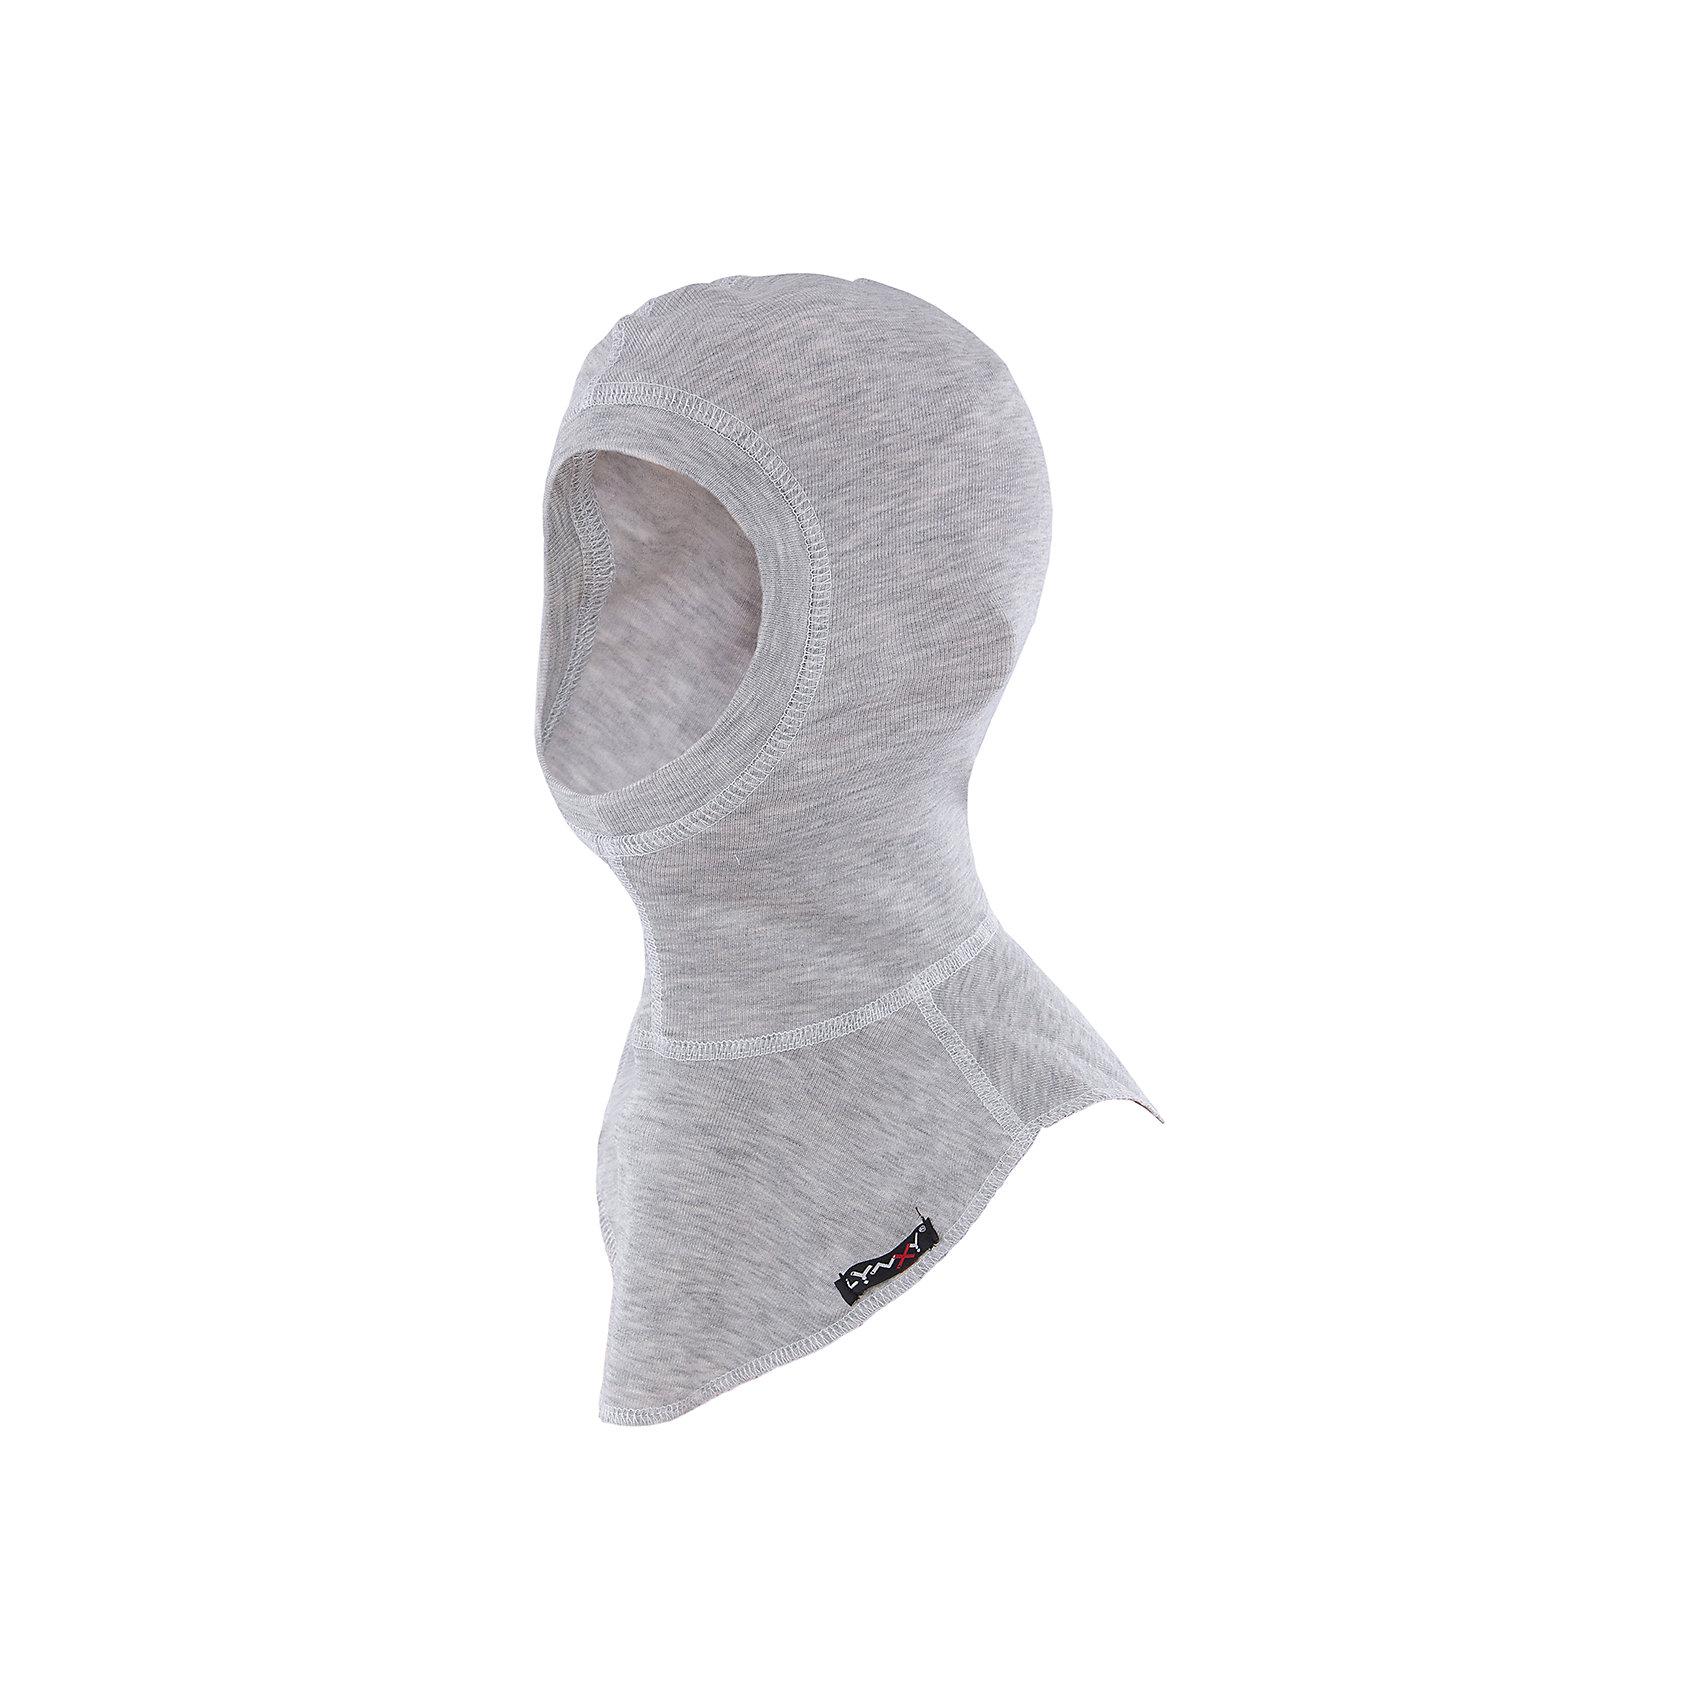 Шапка-шлем LynxyГоловные уборы<br>Шапка-шлем от известного бренда Lynxy.<br>Детский подшлемник выполнен из мягкого термополотна Trevira с микроначесом с изнаночной стороны. Благодаря эластичному и мягкому полотну приятно к телу, плоские швы и эргономические лекала обеспечивают комфортное прилегание изделия. Идеально сохраняет тепло и выводит влагу, позволяя коже оставаться сухой. Благодаря присутствию ионов серебра в структуре полотна, имеет противомикробные свойства. Идеально подходит для длительных прогулок и активных занятий спортом в холодное время года до - 30 градусов. Рекомендуется деликатная машинная стирка при температуре 40 градусов без предварительного замачивания.<br>Состав:<br>полиэстер 95%, вискоза 5%<br><br>Ширина мм: 89<br>Глубина мм: 117<br>Высота мм: 44<br>Вес г: 155<br>Цвет: серый<br>Возраст от месяцев: 144<br>Возраст до месяцев: 180<br>Пол: Унисекс<br>Возраст: Детский<br>Размер: 56,52,54<br>SKU: 4971229